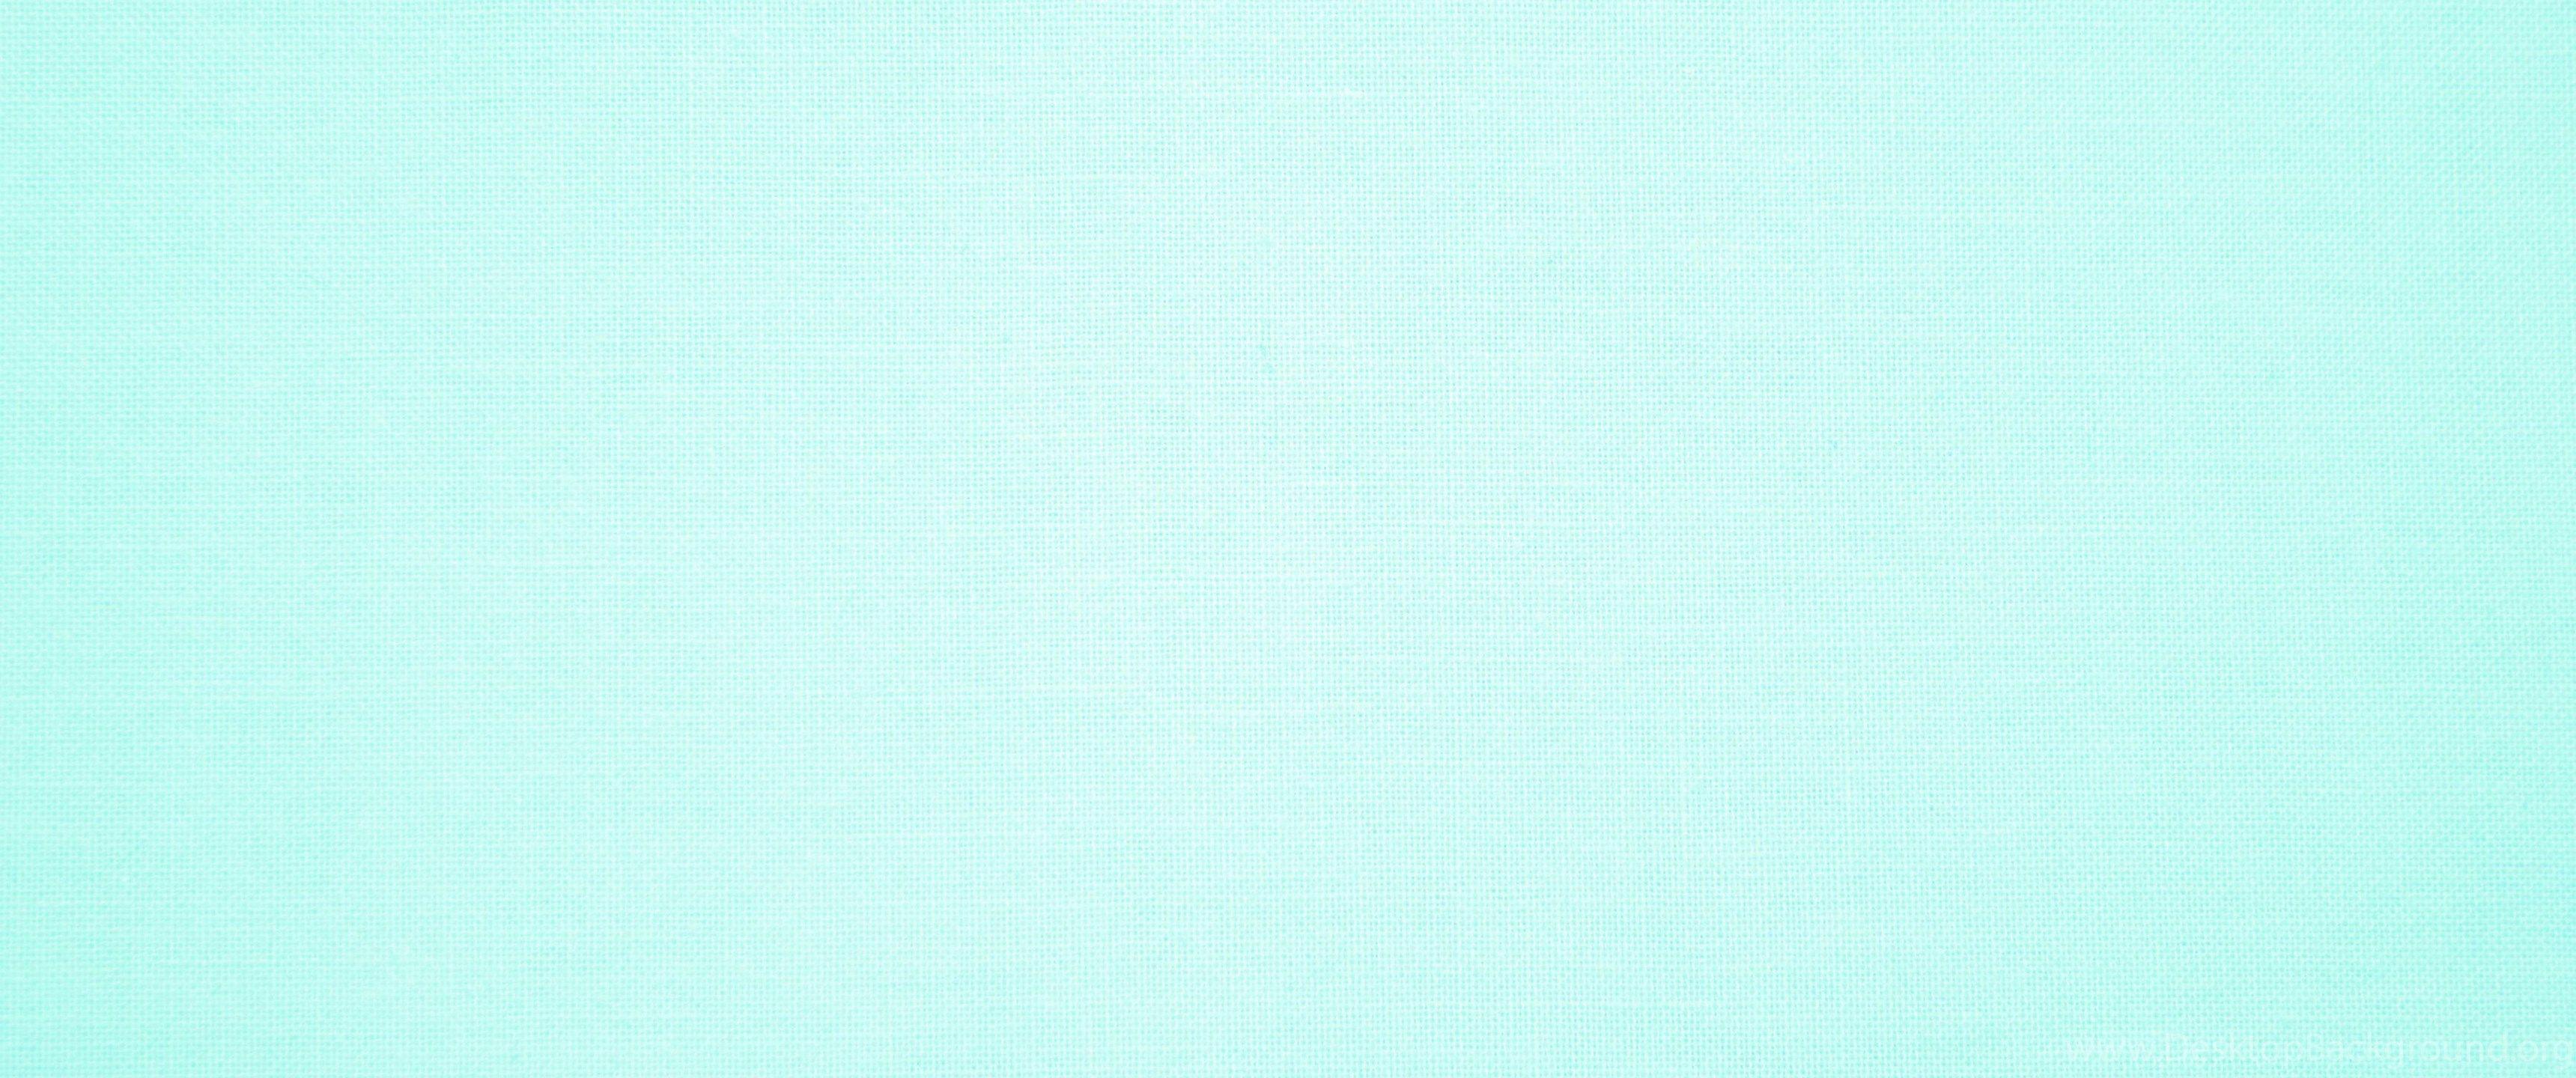 Bộ sưu tập 3440x1440 cho Hình nền Màu Pastel Đồng bằng Hình nền Máy tính để bàn